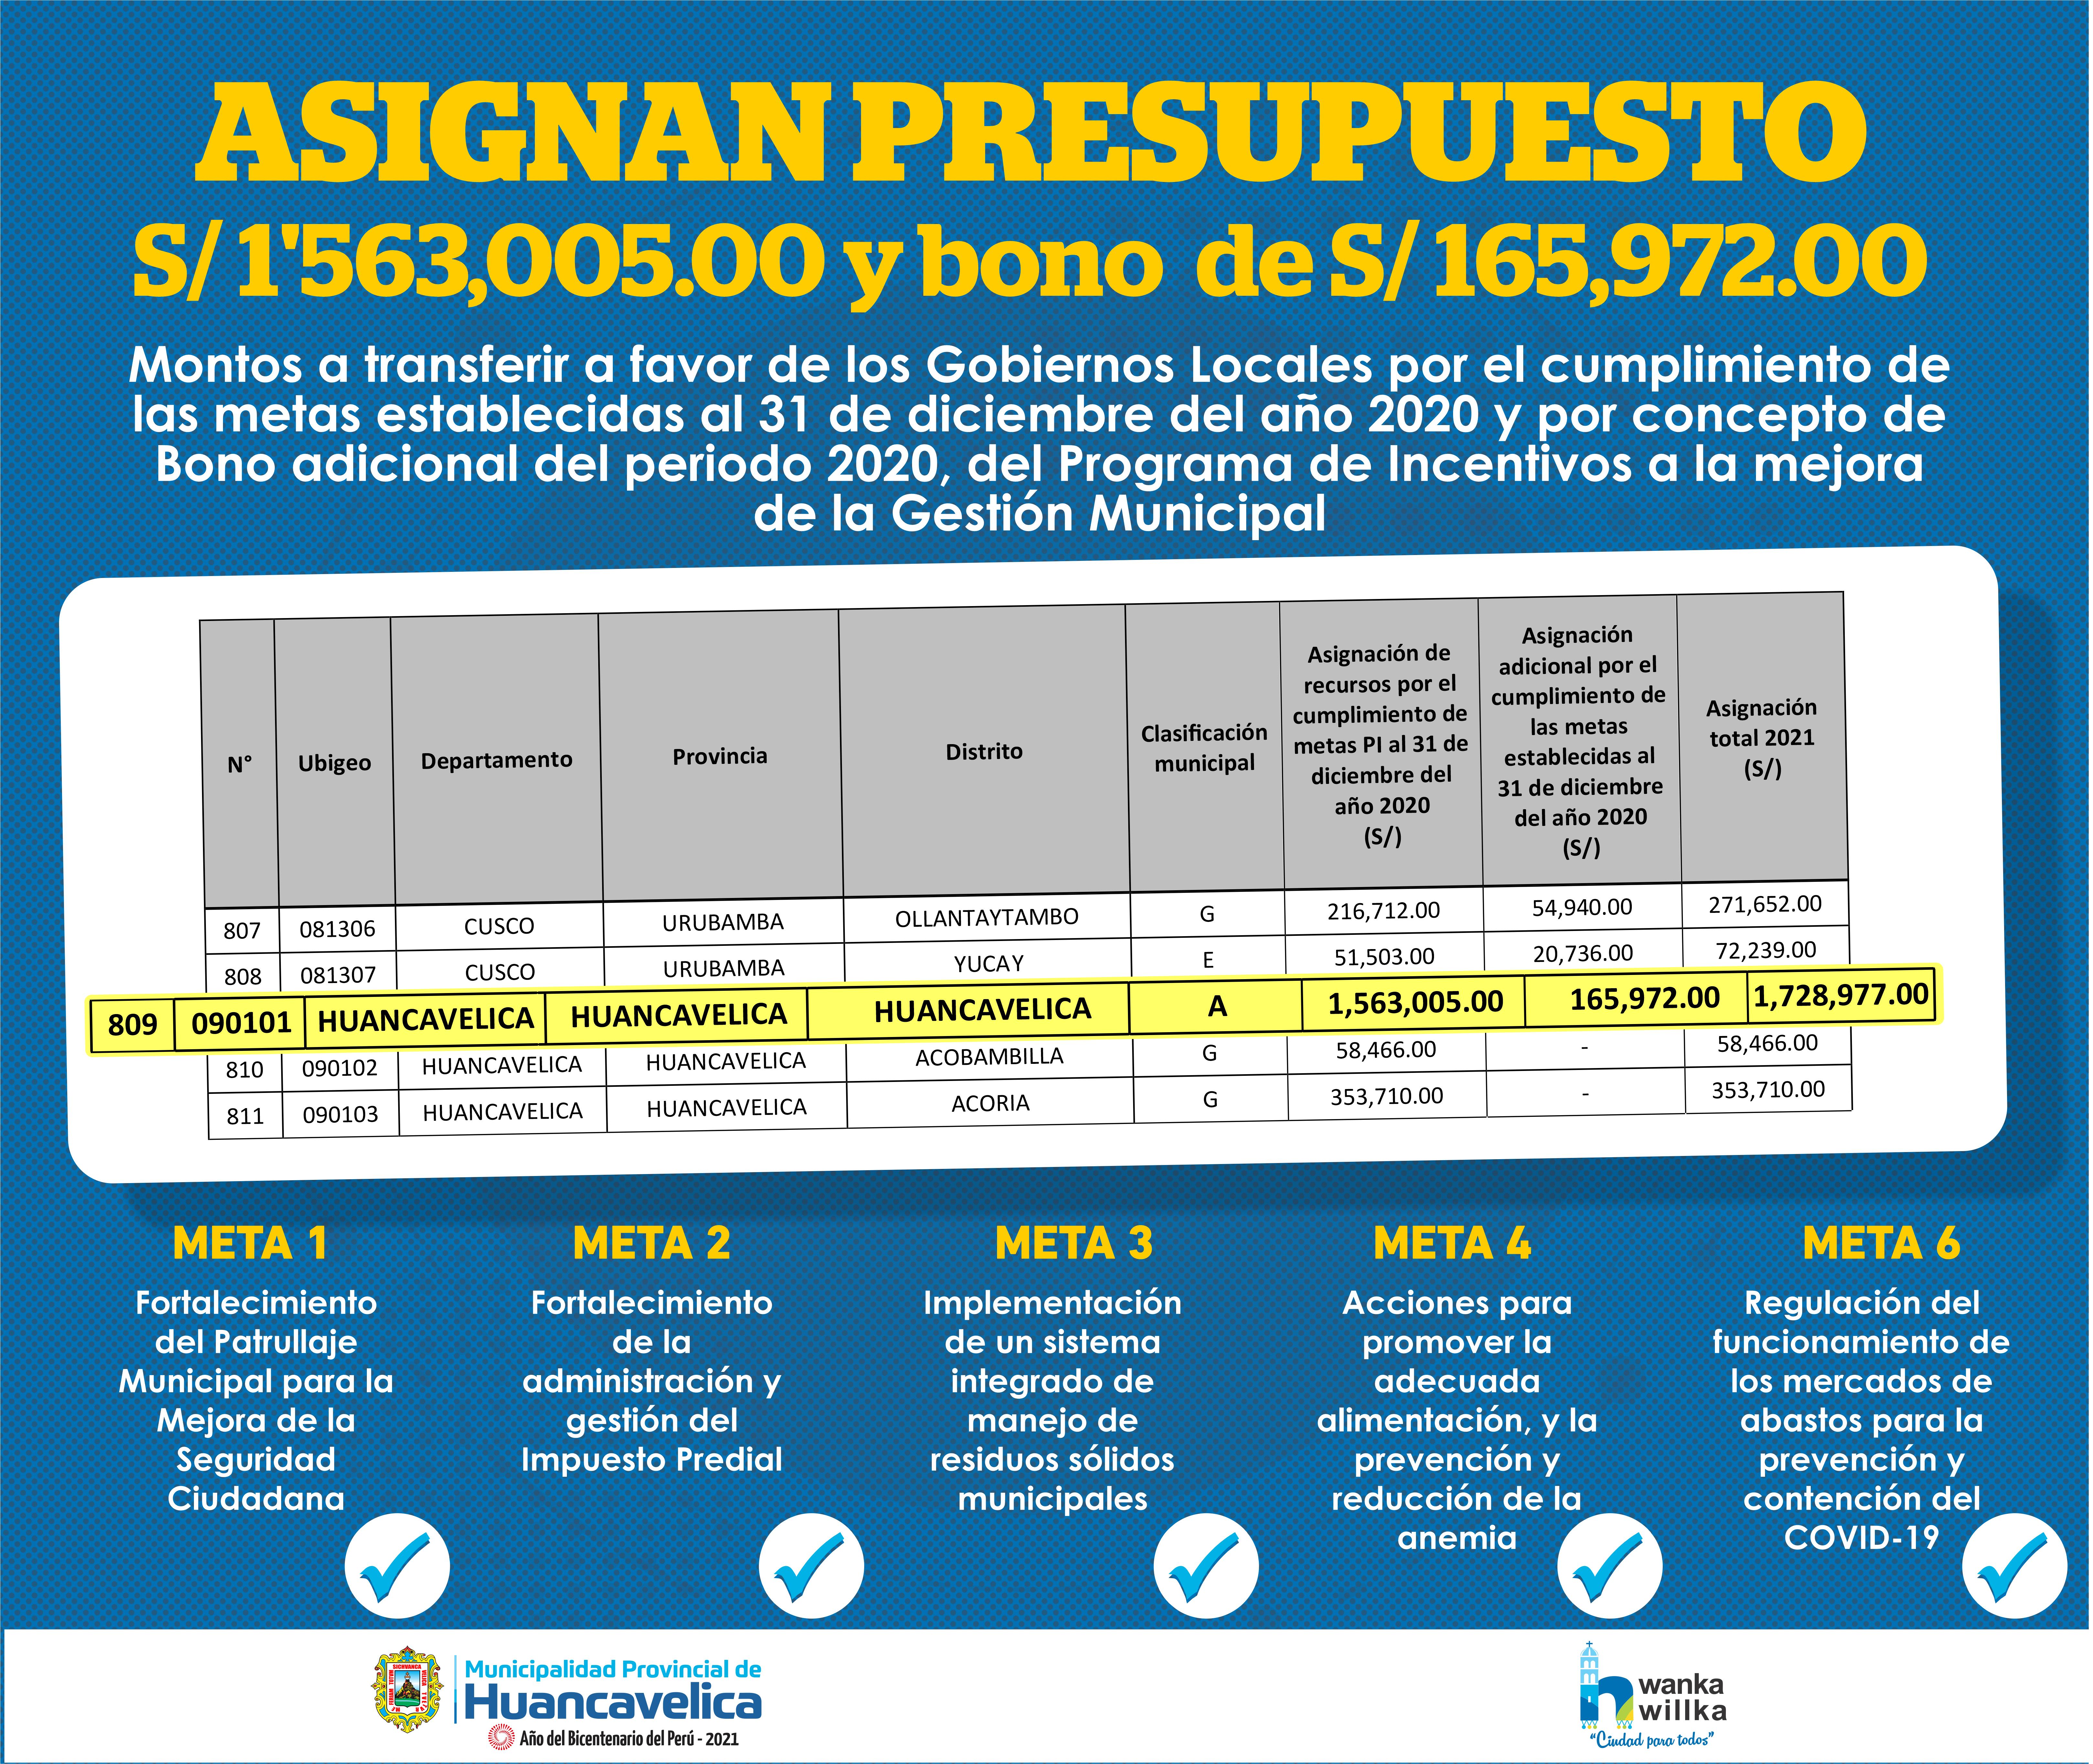 POR CUMPLIMIENTO DE METAS: MUNICIPALIDAD DE HUANCAVELICA RECIBE 1´728,977.00 SOLES DEL M.E.F